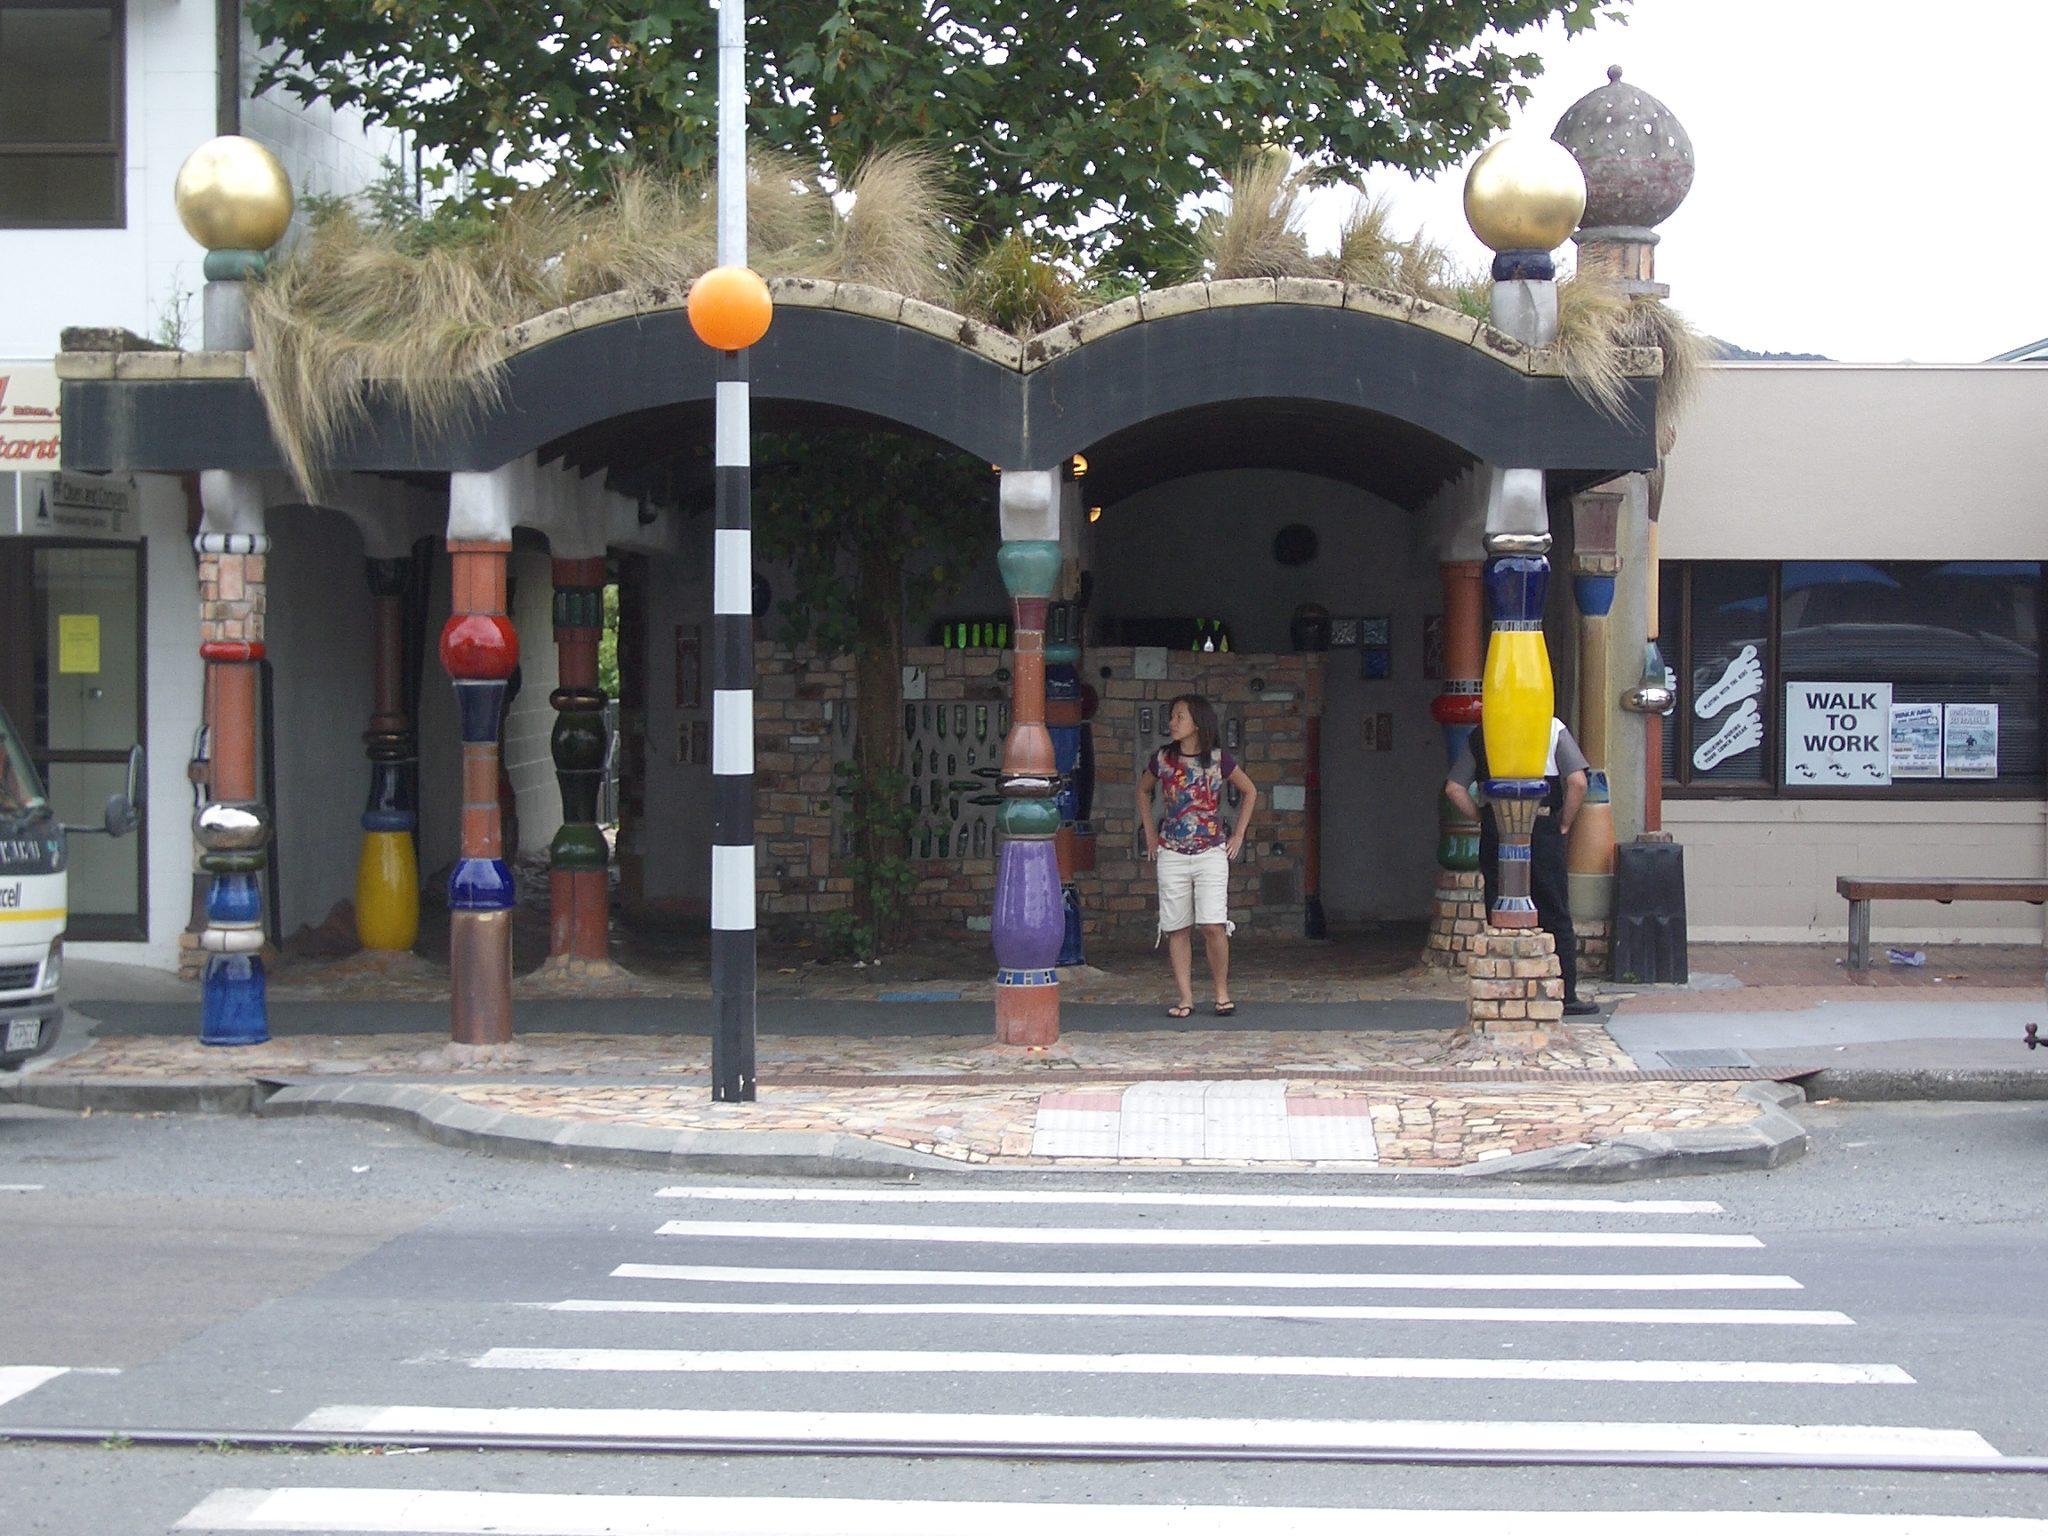 Friedensreich Hundertwasser bathroom